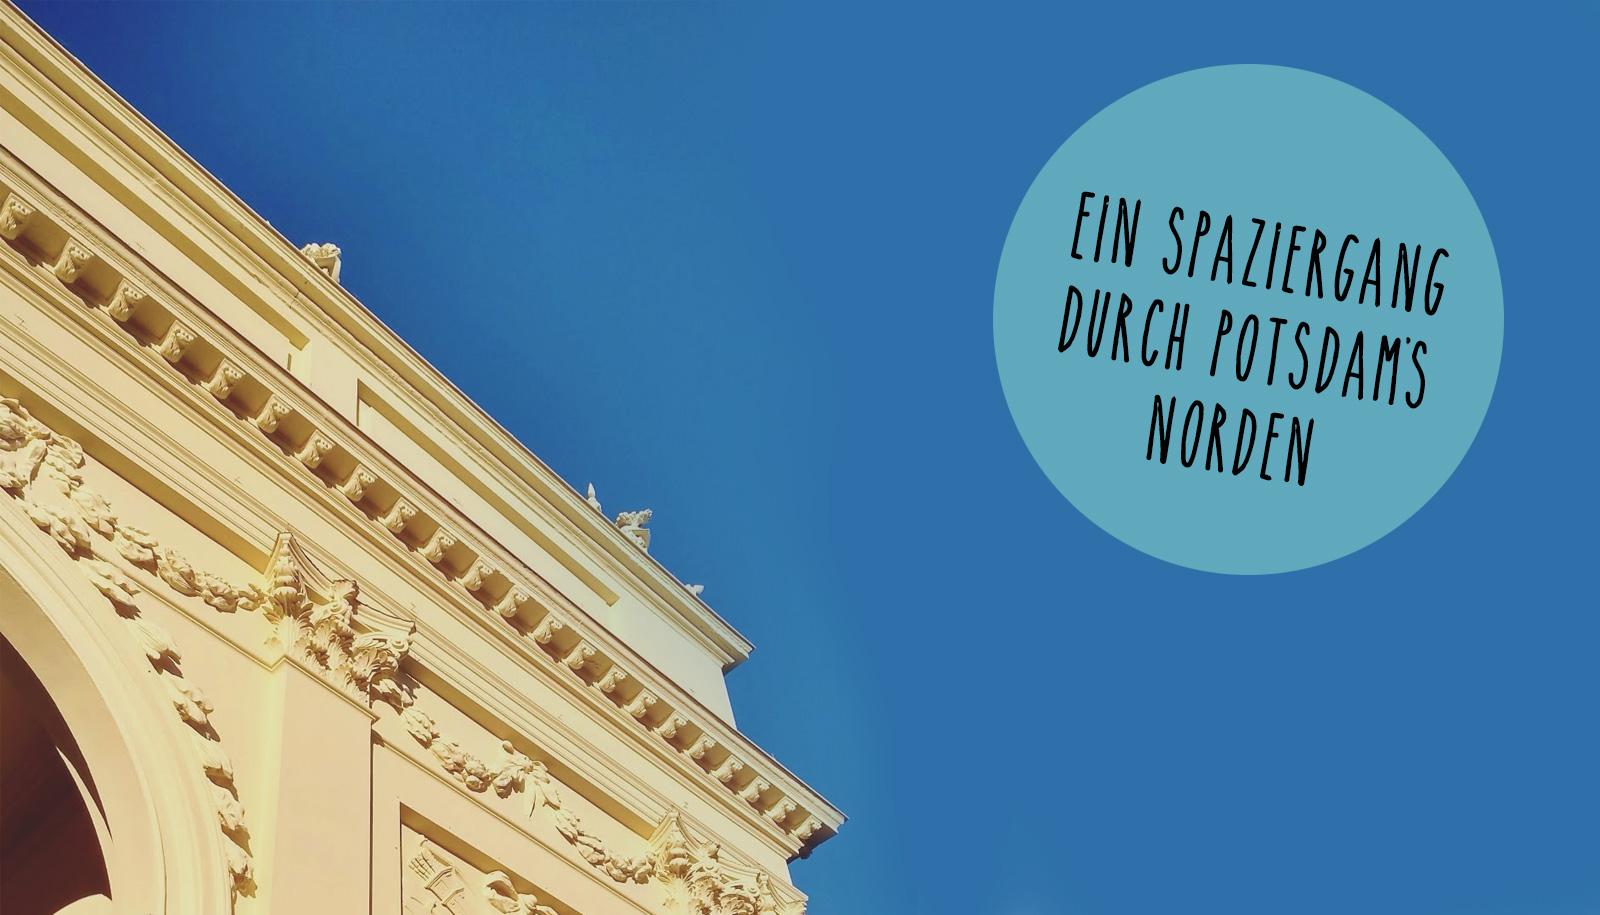 Headerbild Ein Spaziergang durch Potsdam's Norden handundstift.de Blog zum Thema Illustration in Serie